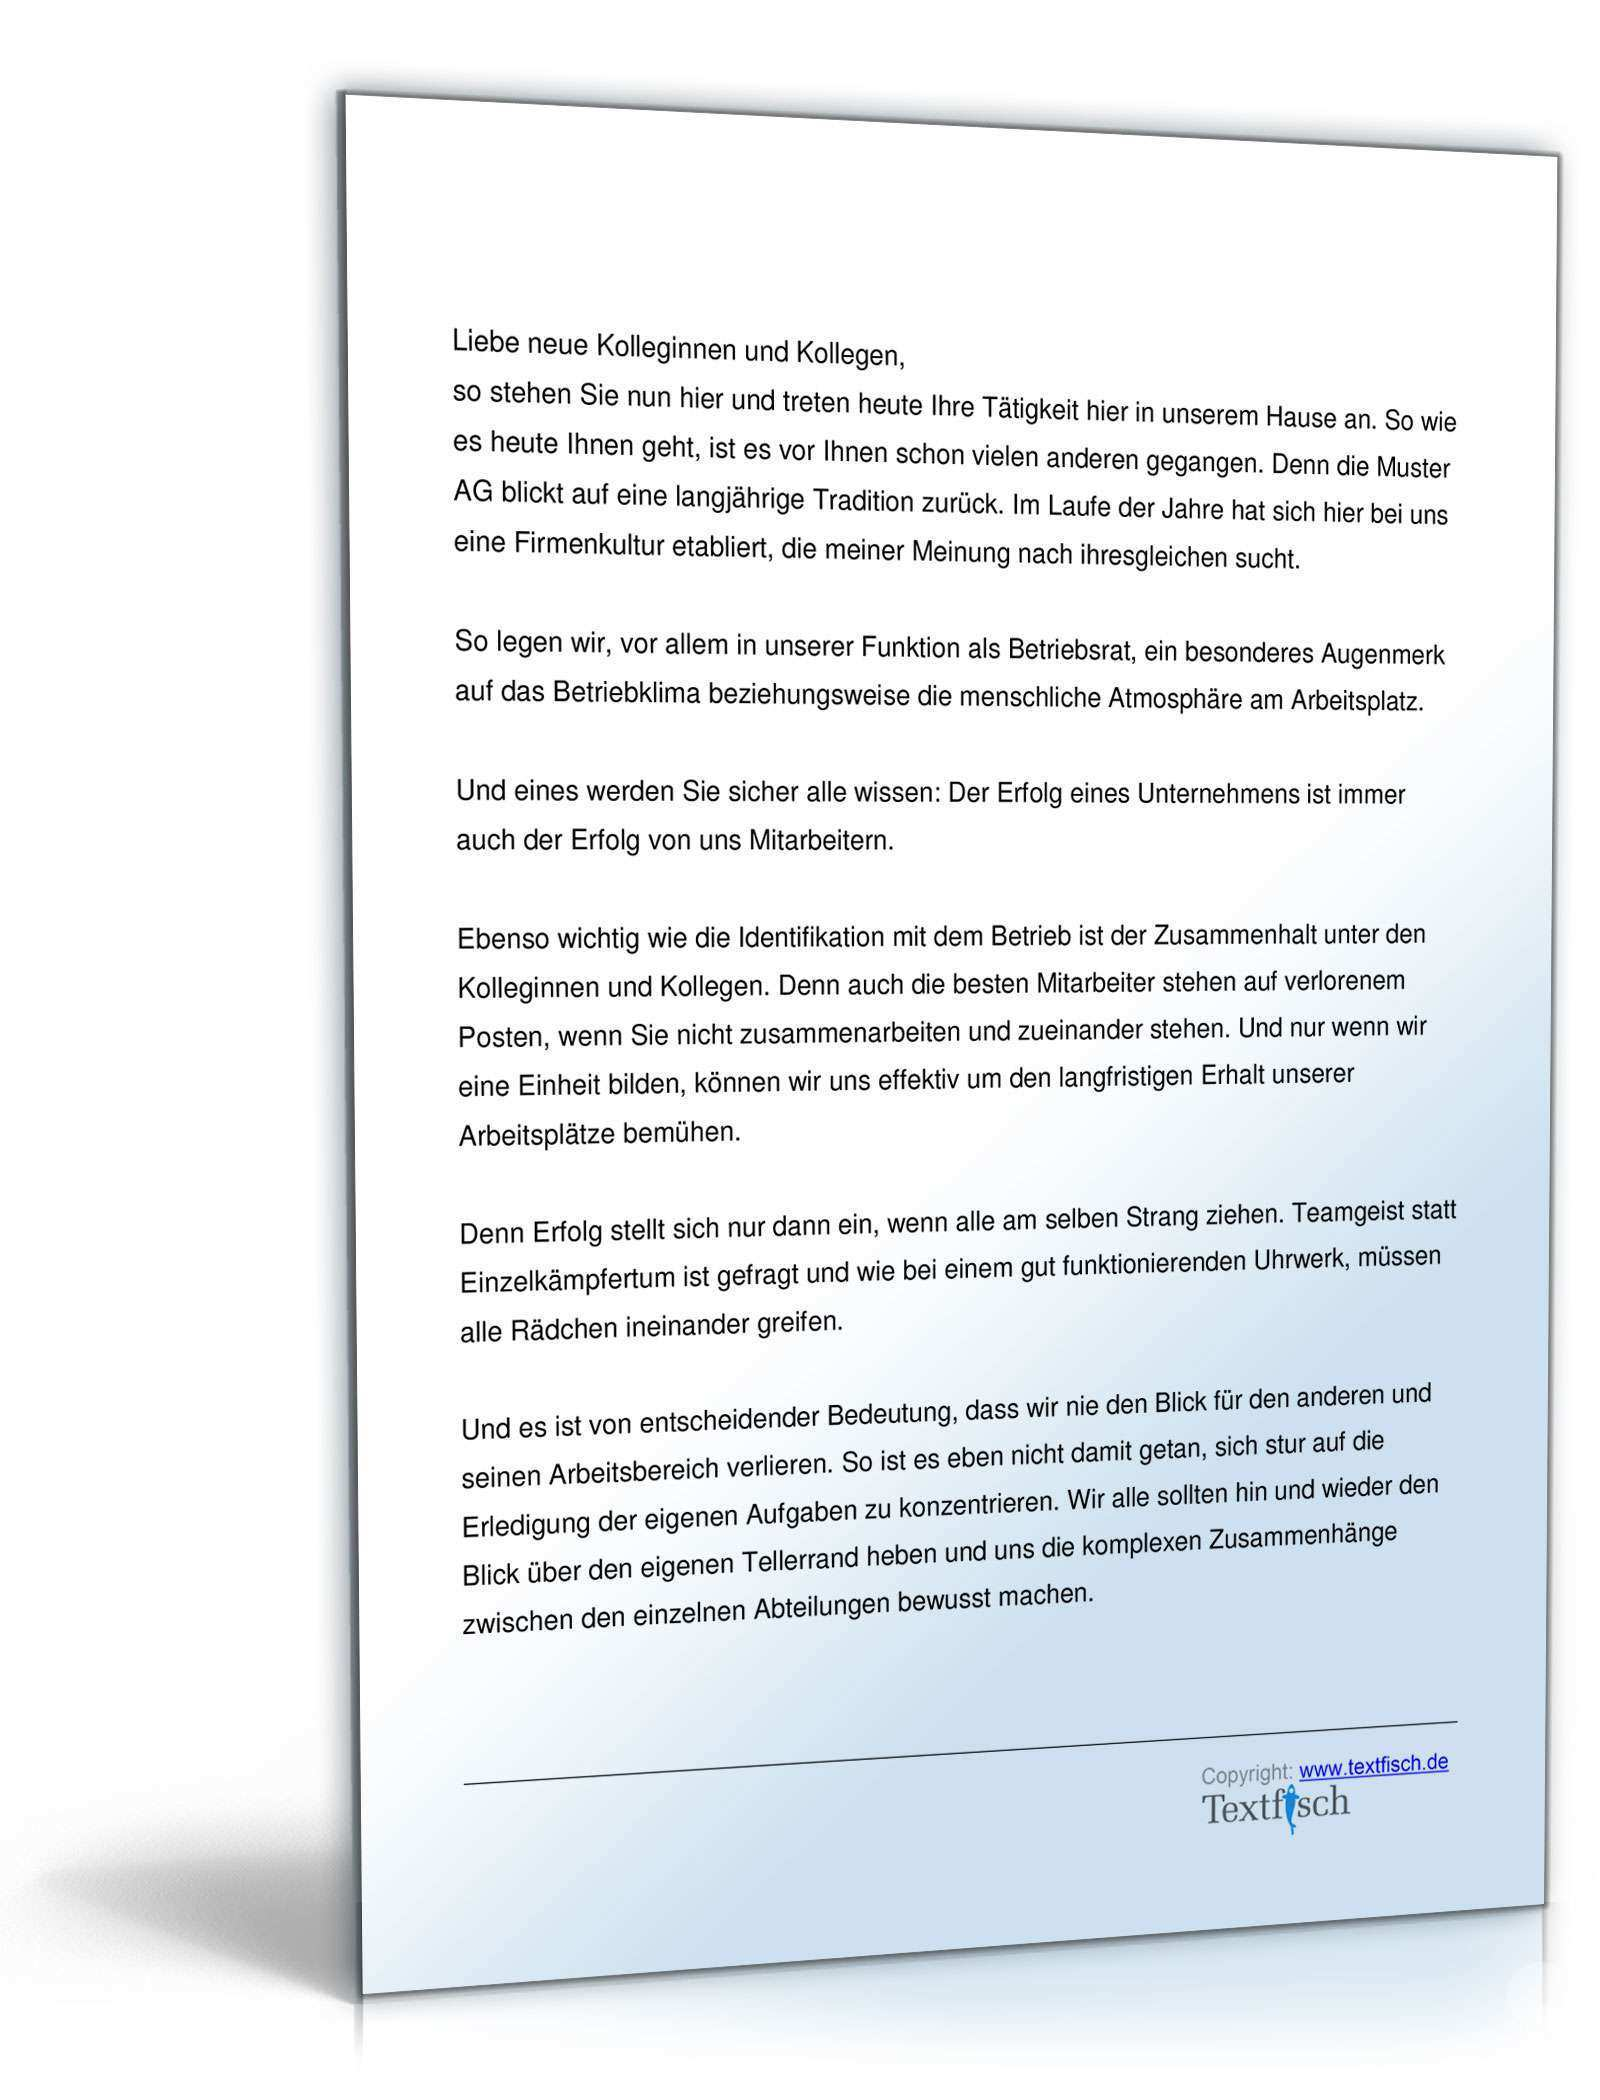 Begrussung Neuer Angestellter Durch Betriebsrat Musterrede Zum Download